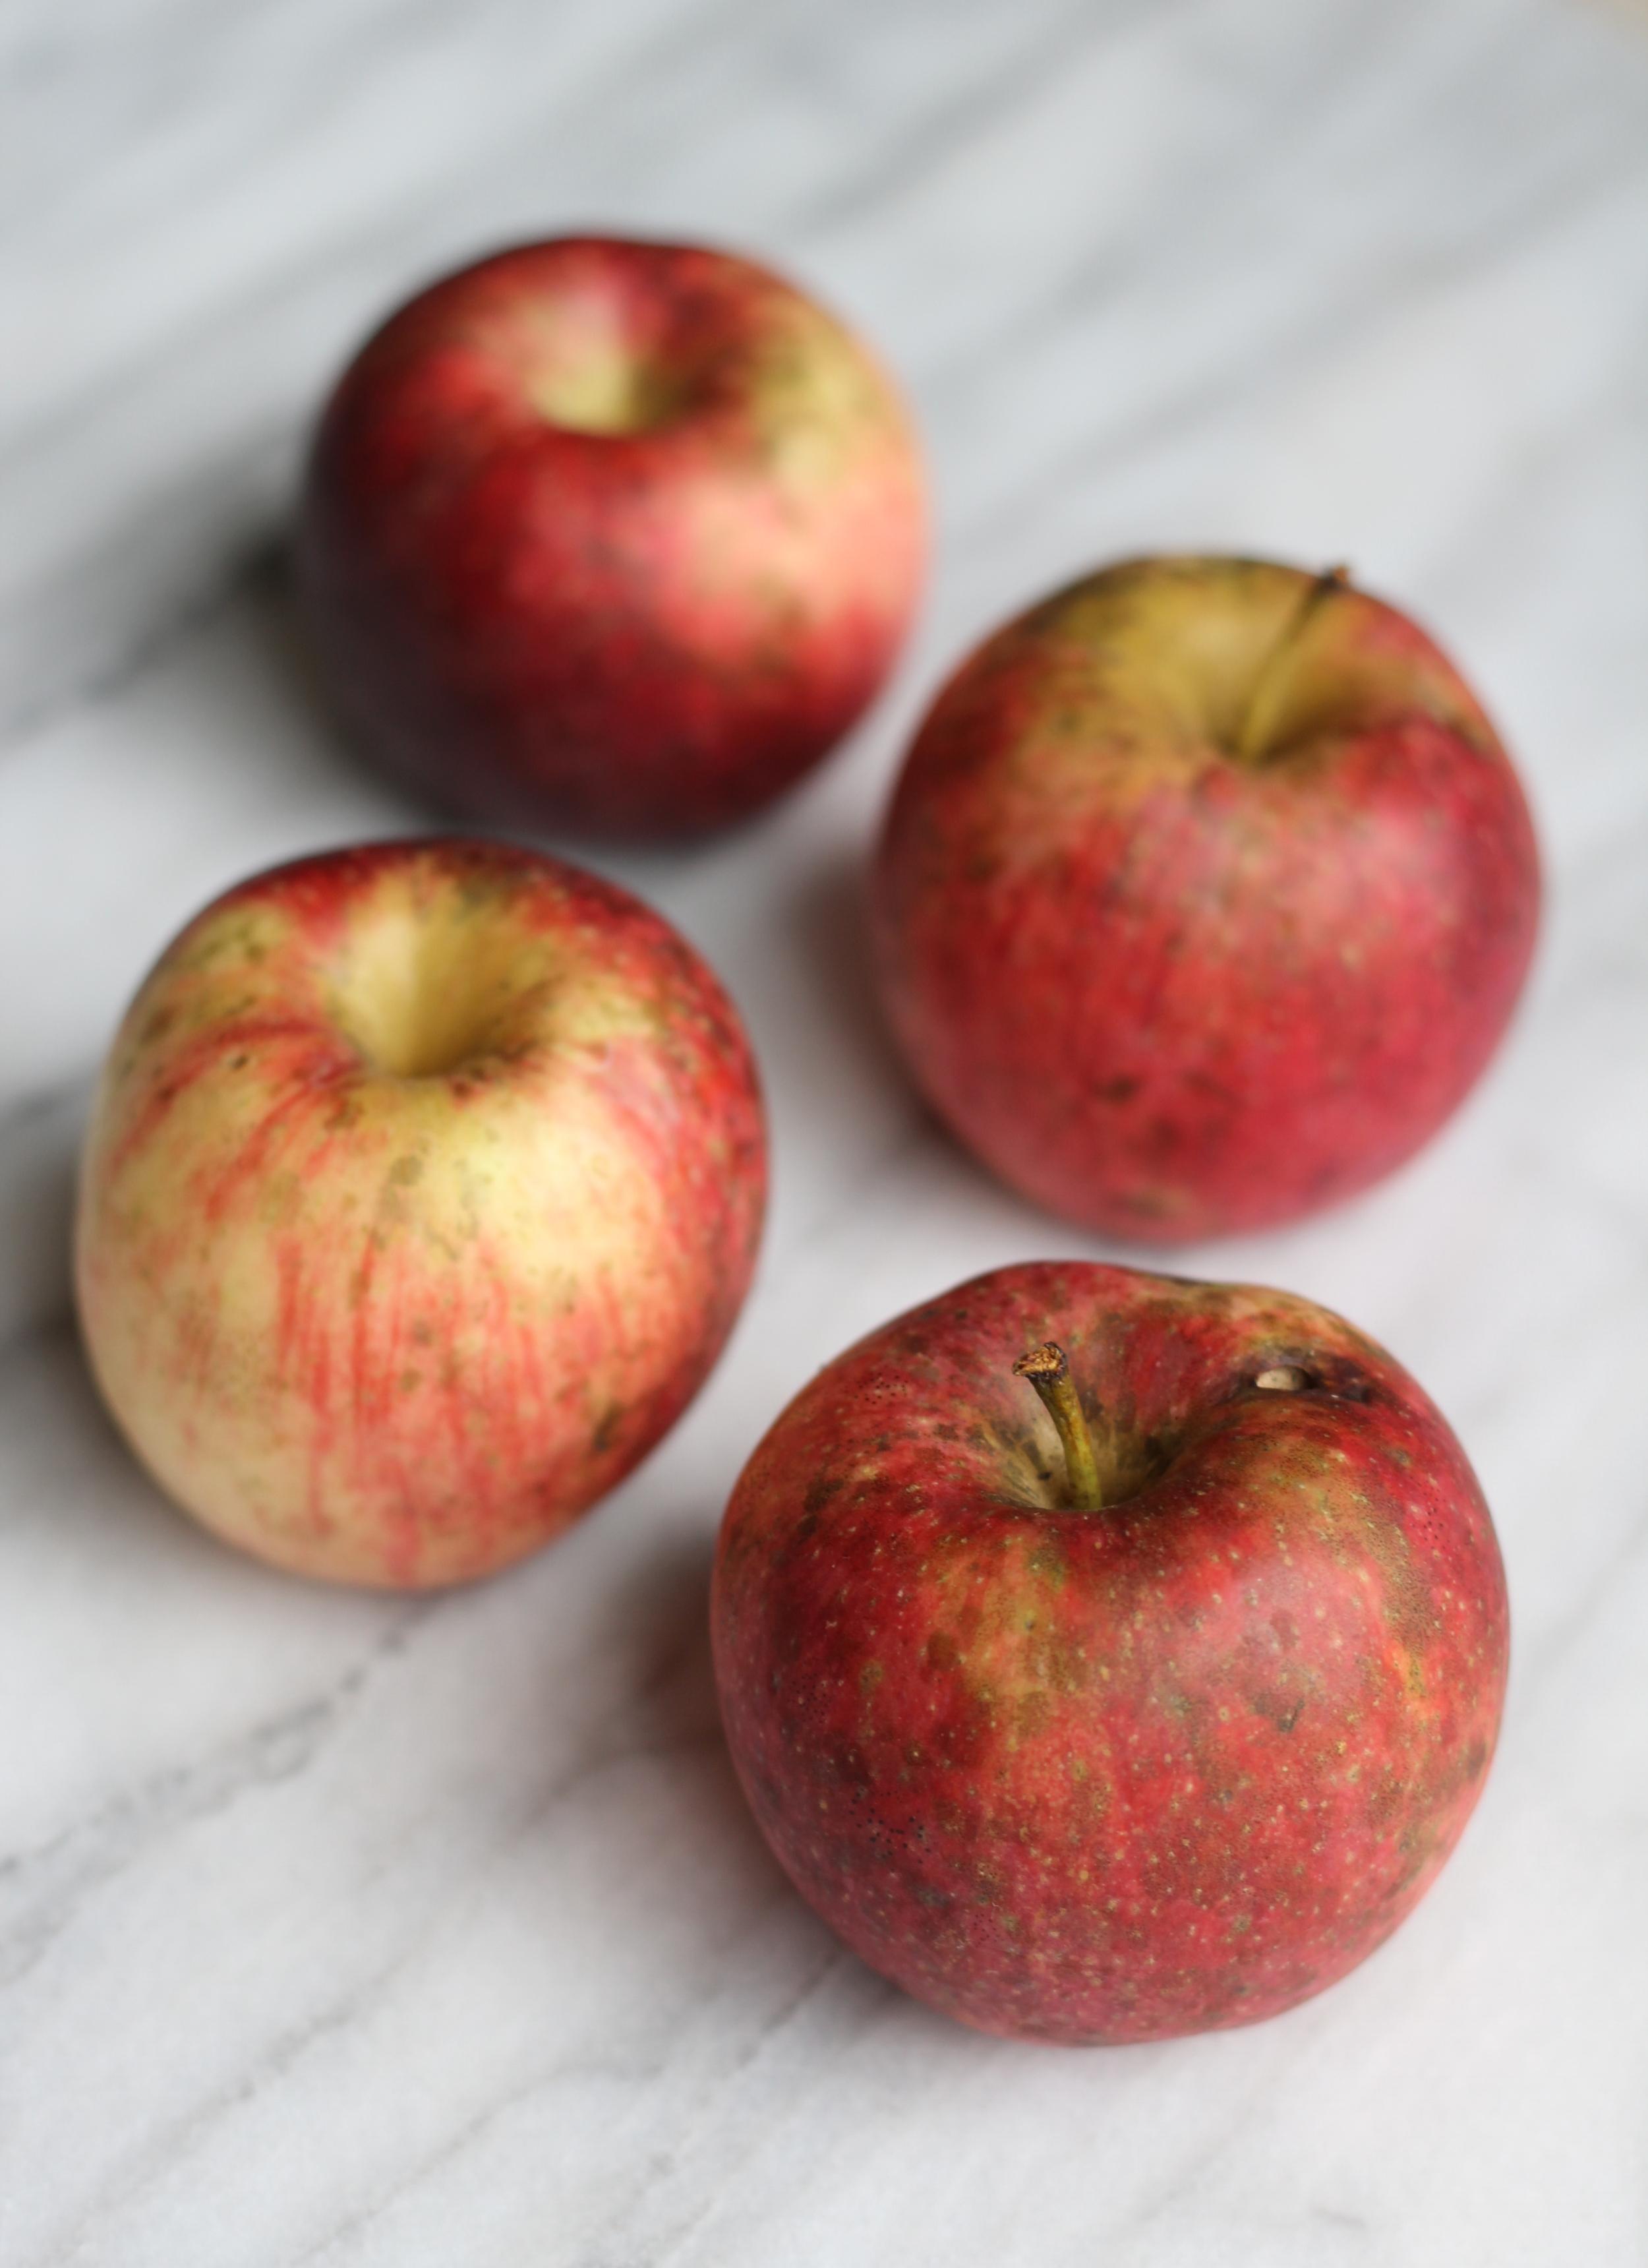 Paleo Baked Apples | Freckled Italian